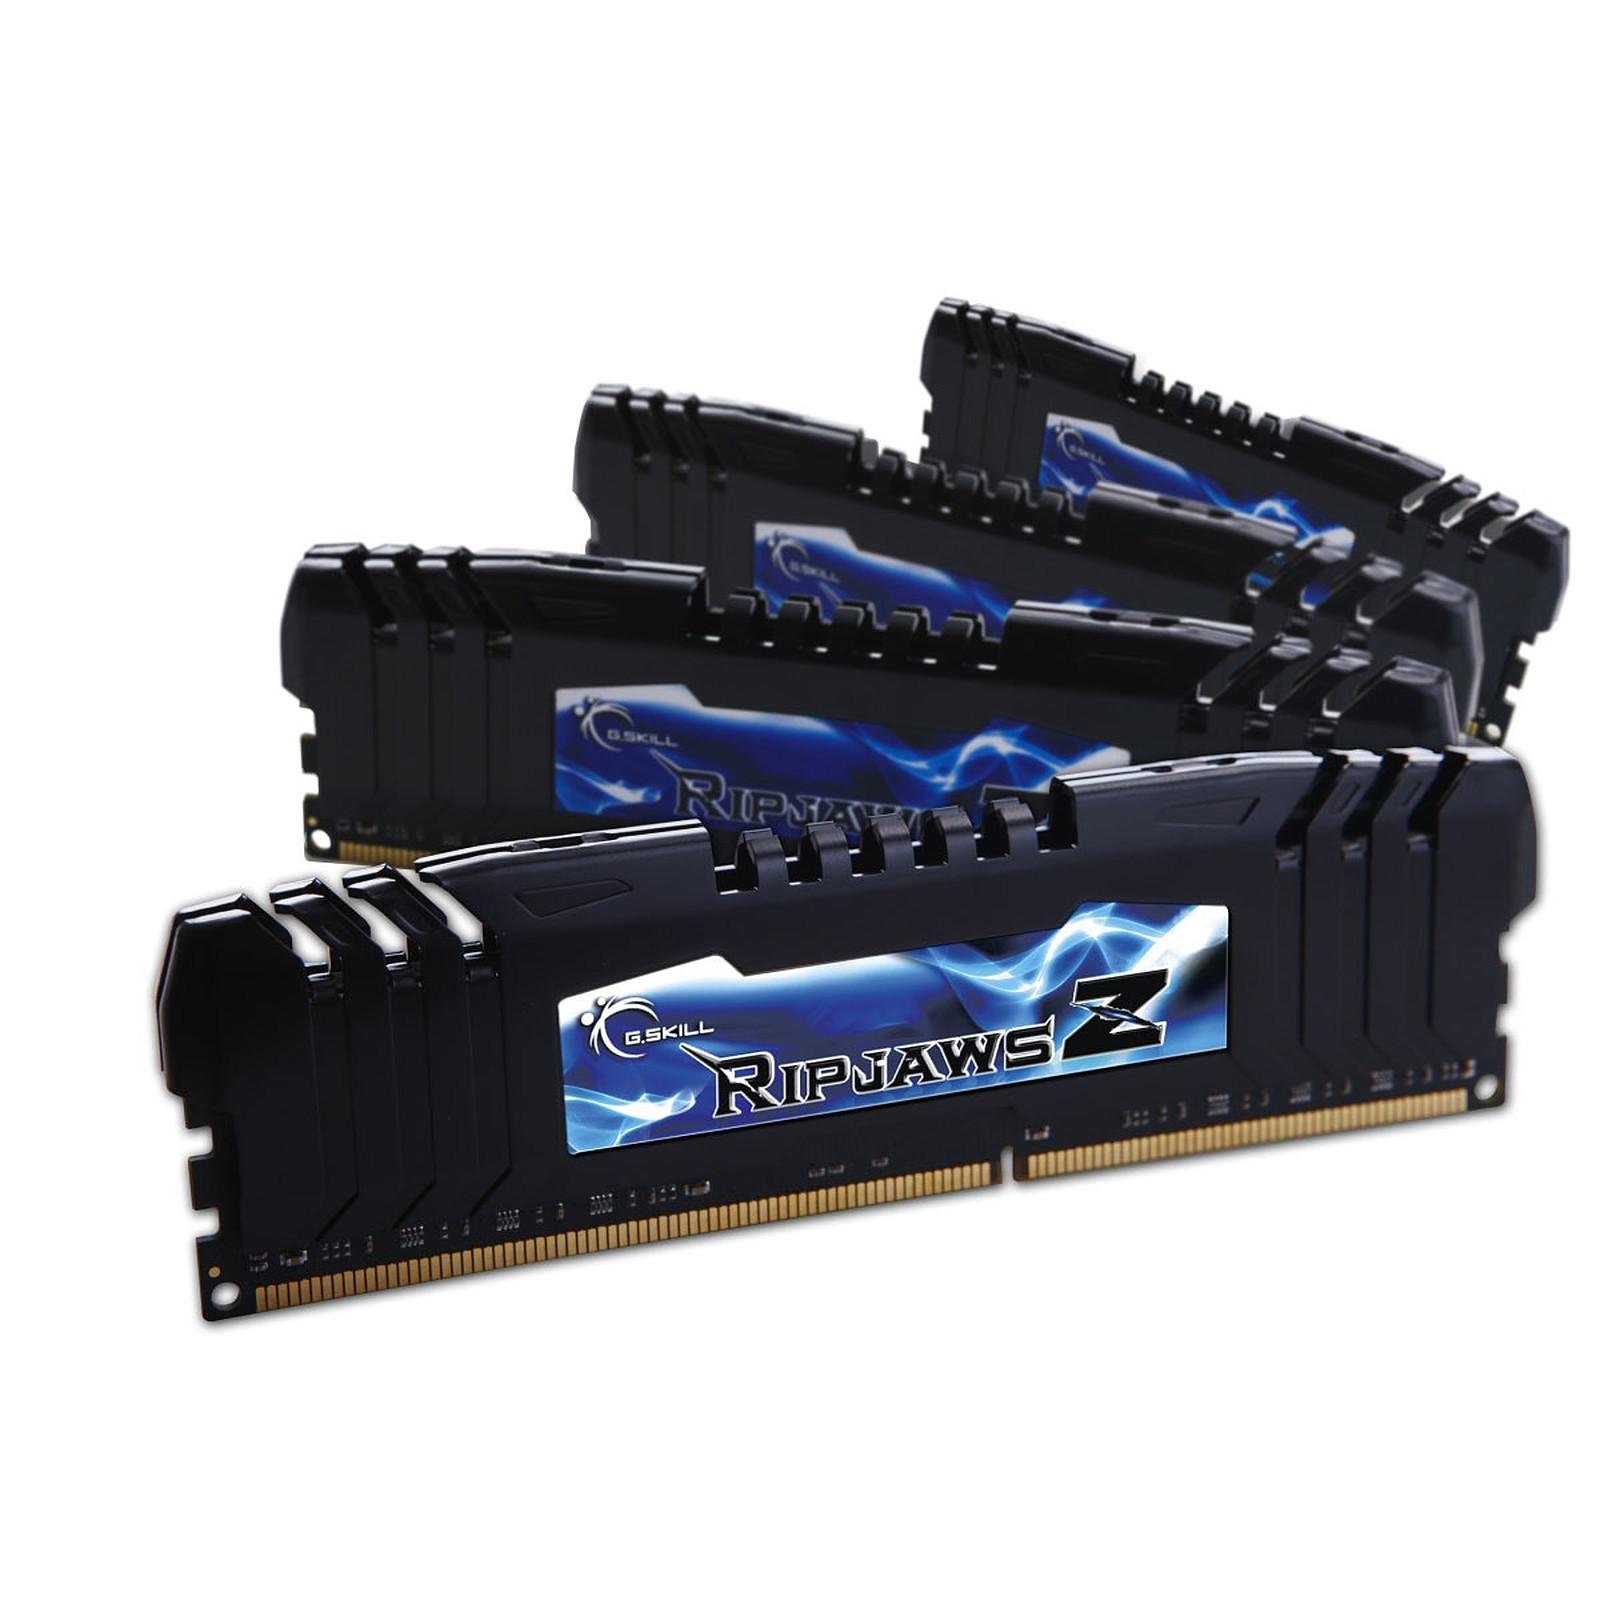 G.Skill RipJaws Z Series 8 Go (4 x 2Go) DDR3 1600 MHz CL8